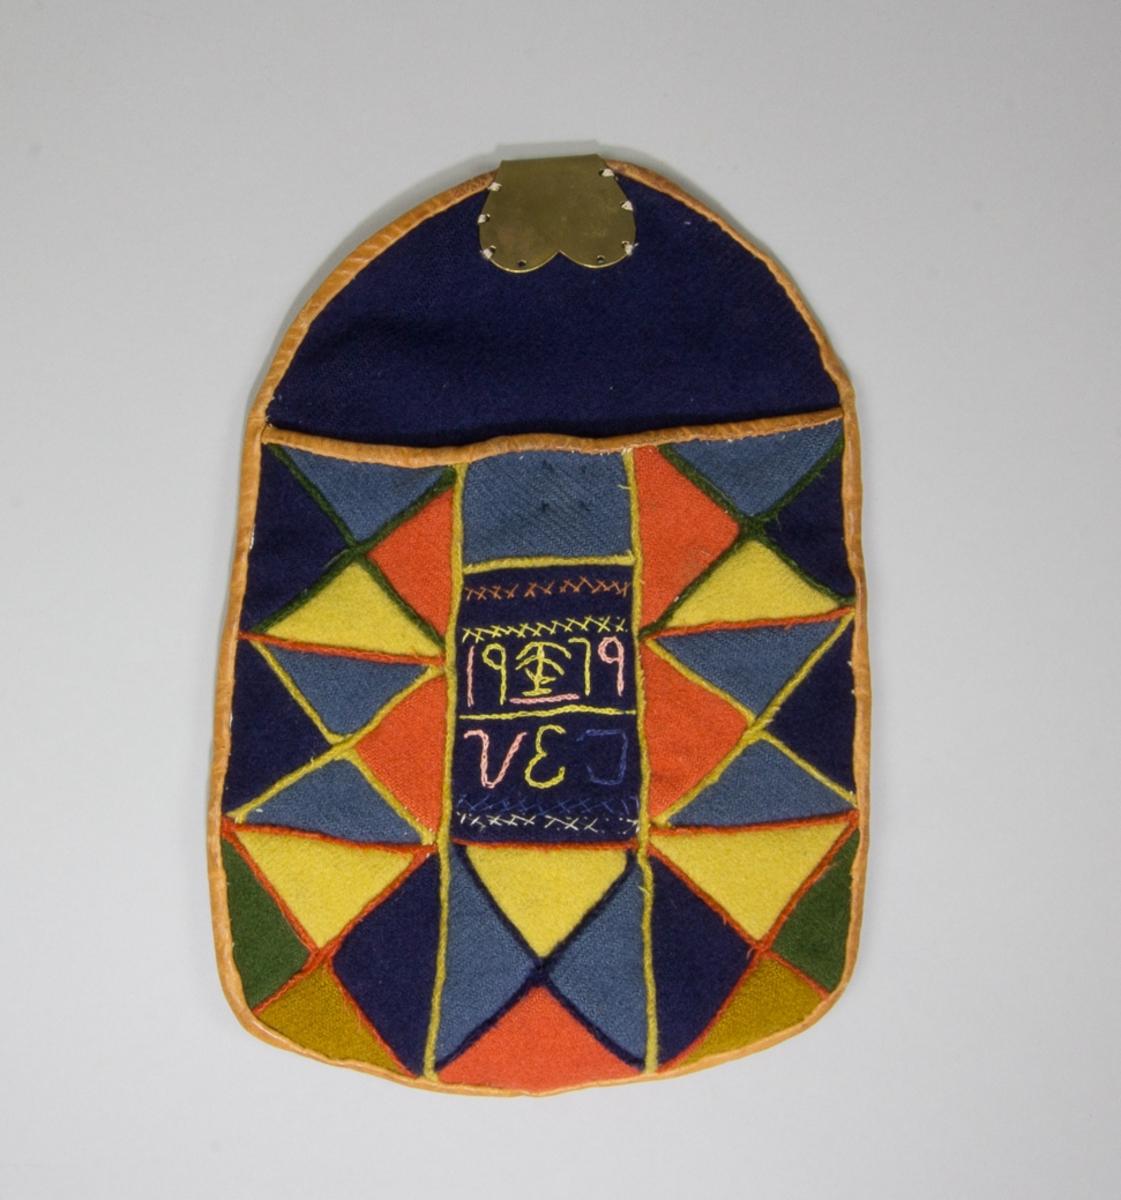 Kjolsäck till dräkt för kvinna från Västerfärnebo socken, Västmanland. Modell med avskuret framstycke. Tillverkad av trekantiga lappar från olika ylletyger i blått, mörkblått, gult, orange, grönt och gulbrunt, hopsydda med skarvsöm för hand. Mellanlägg i sömmarna av smala remsor av samma tyger, men valda i kontrasterande färger. I mitten en fyrkantig mörkblå lapp med märkning sydd med kedjesöm och lite flätsömsbroderi, utfört med silkegarn i rosa, gult, mörkblått och gulrött. Märkt: 19 (figur) 79 V E J. Framstycket fodrat med fabriksvävt linnetyg, tuskaft. Överstycke av mörkblått ylletyg. Kantad runtom med brunt skinn. Bakstycke av linnetyg, samma som fodret. Beslag med fast hake av mässingsplåt. Knäppt med tryckknapp.